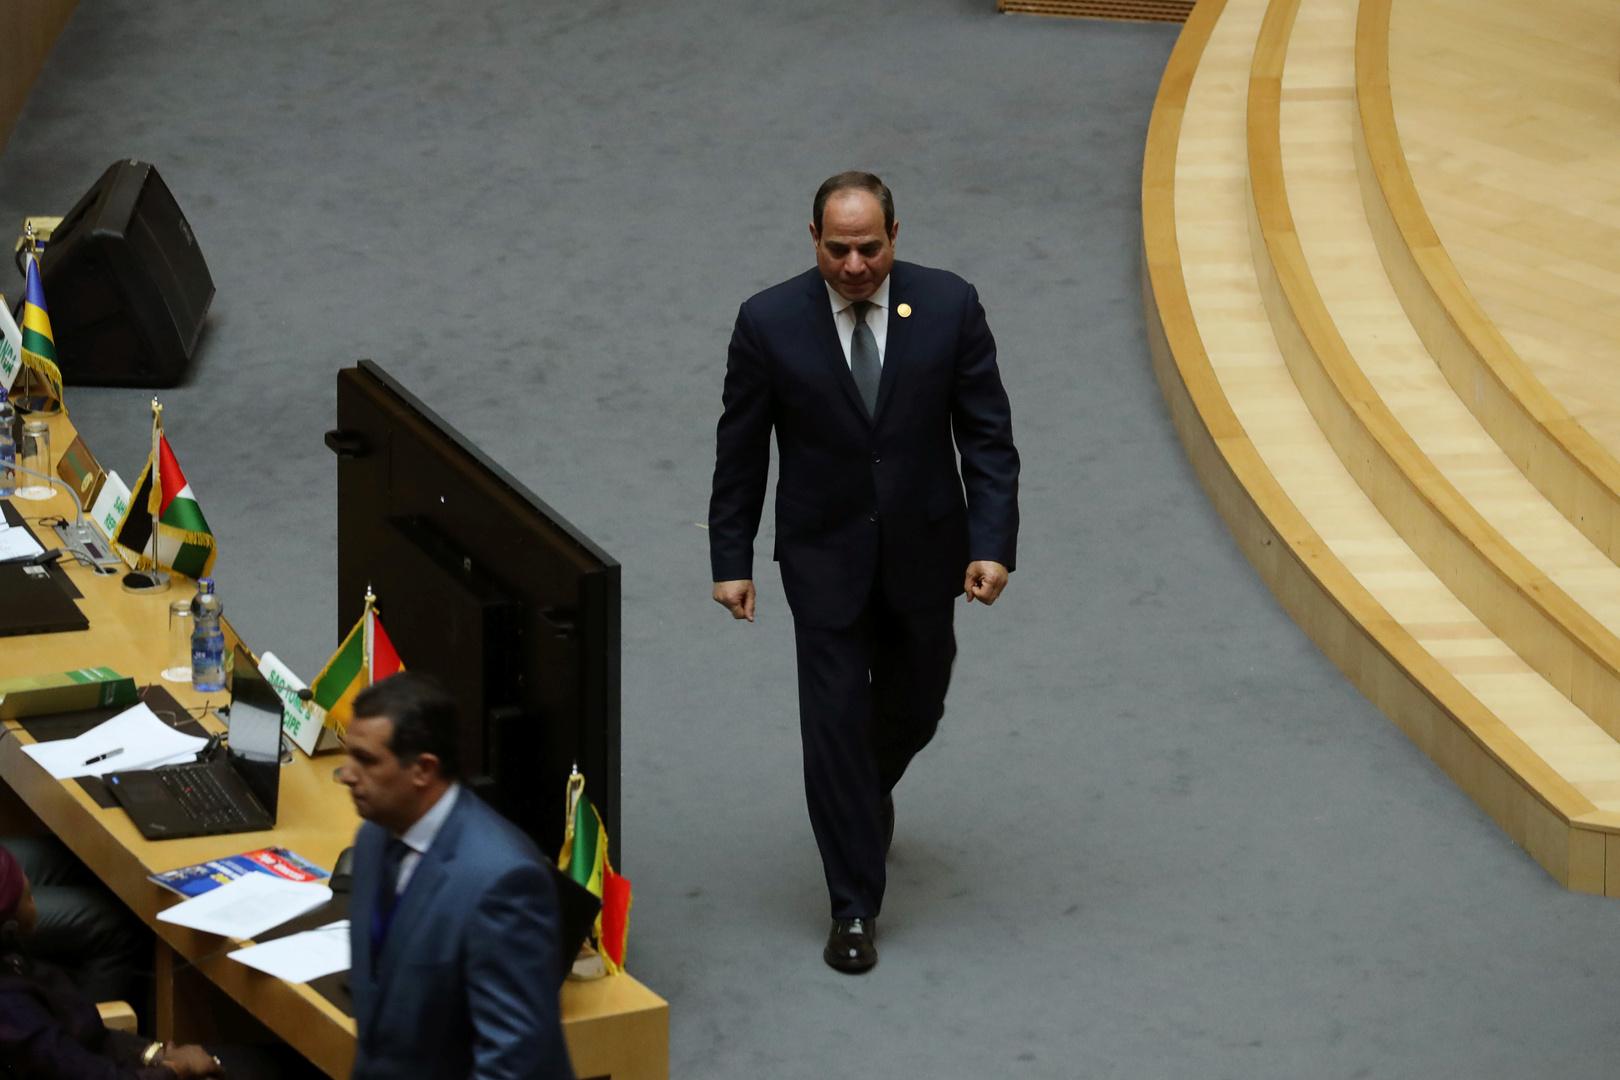 السيسي للمصريين: لا وجود لتحد خطر على مصر إلا من الداخل